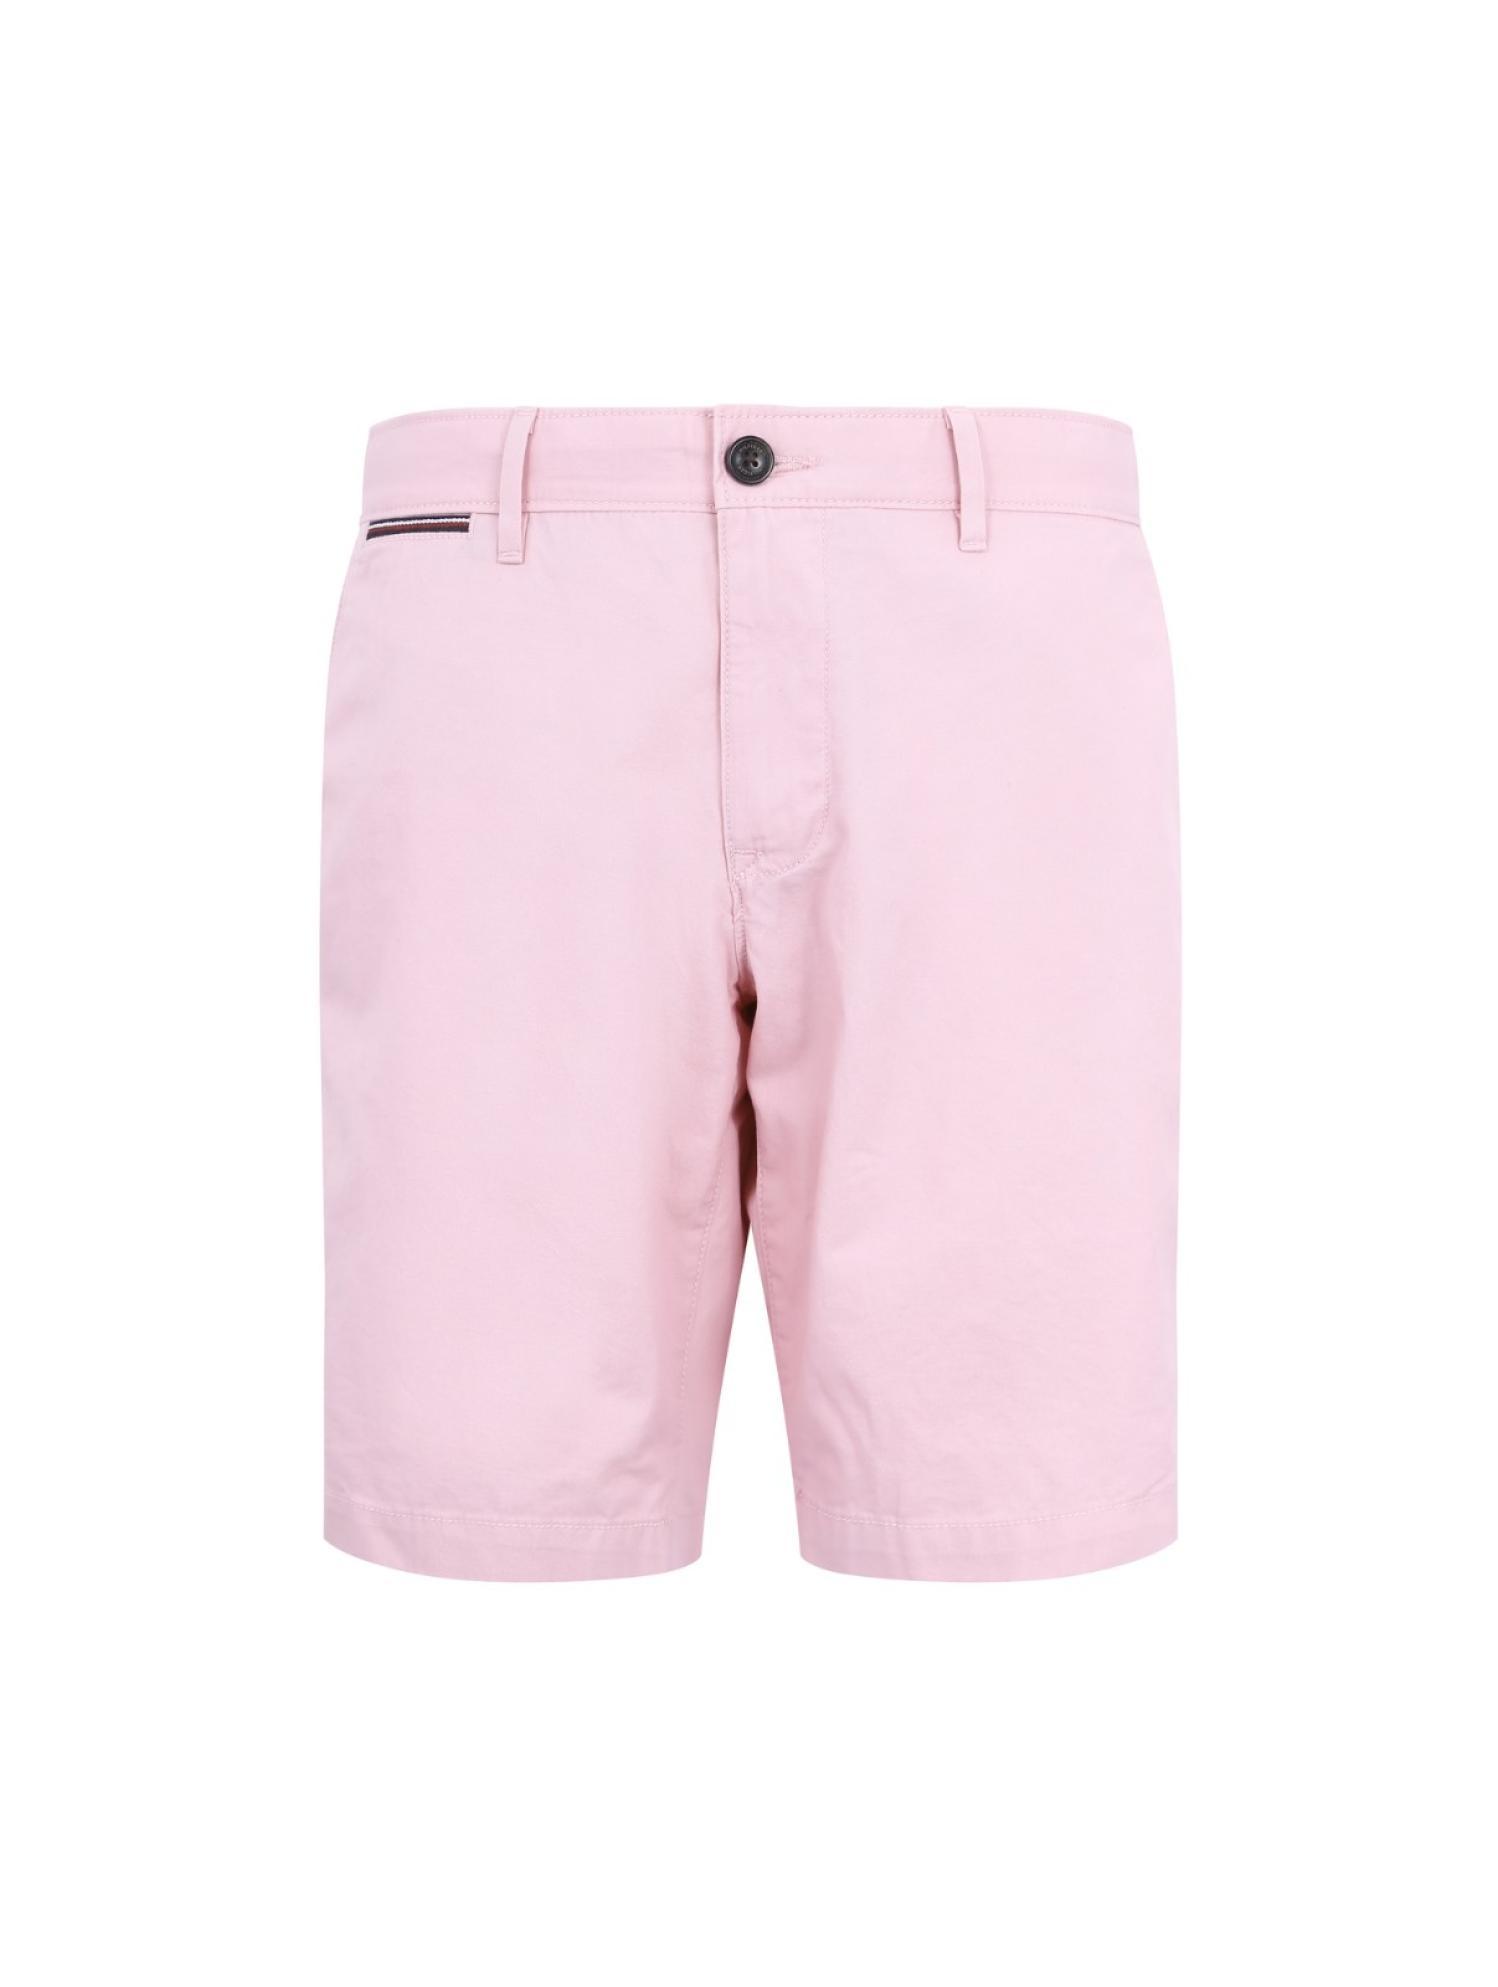 休闲直筒短裤